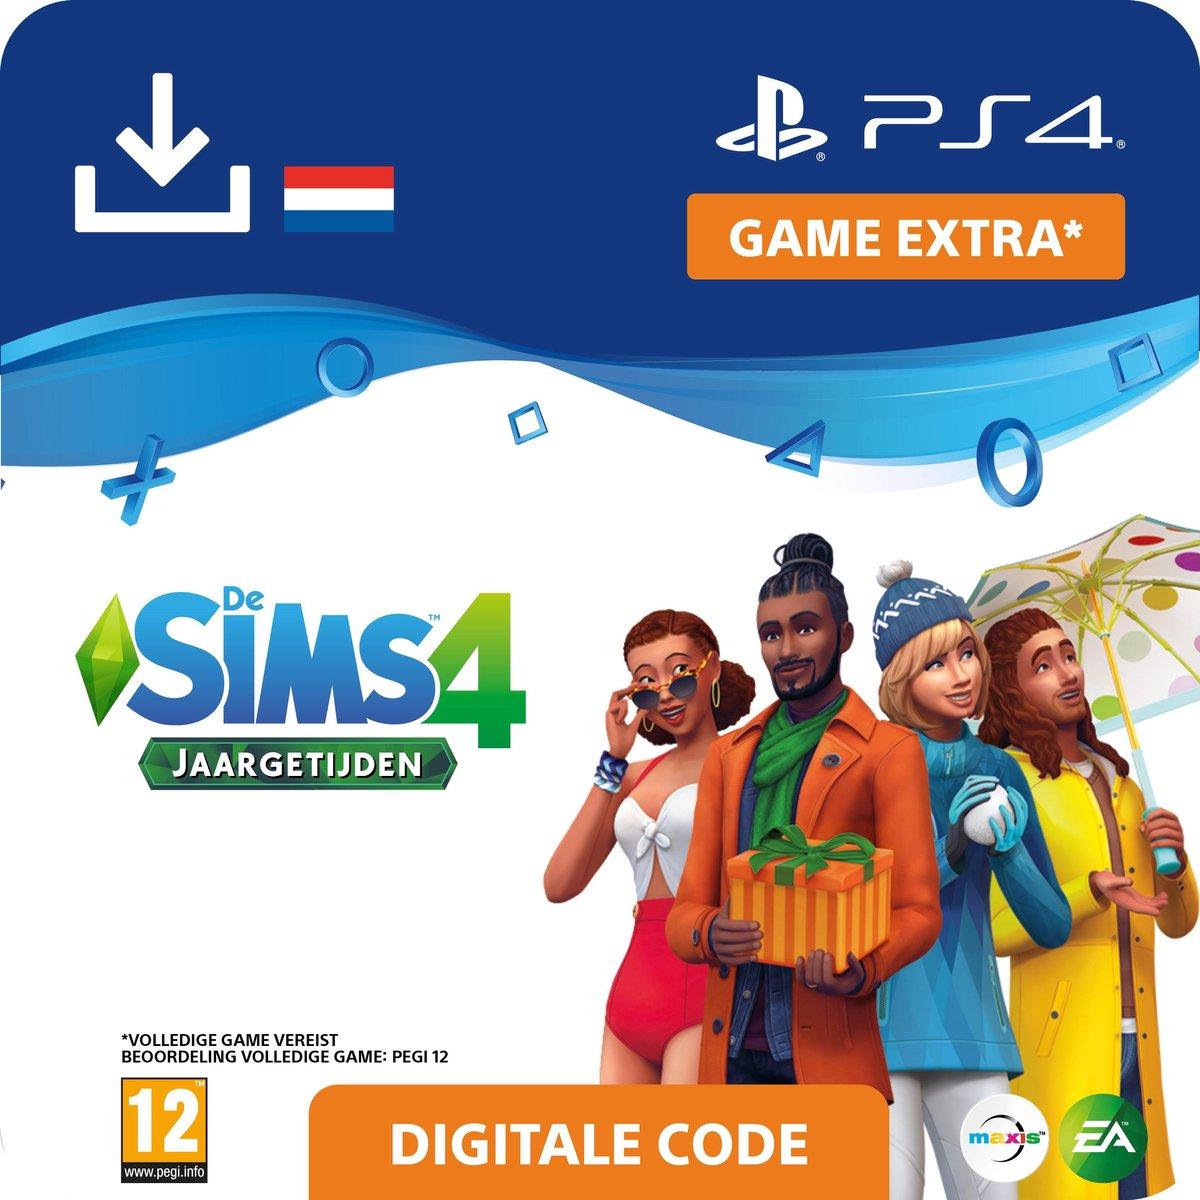 De Sims 4 - uitbreidingsset - 4 Jaargetijden - NL - PS4 download